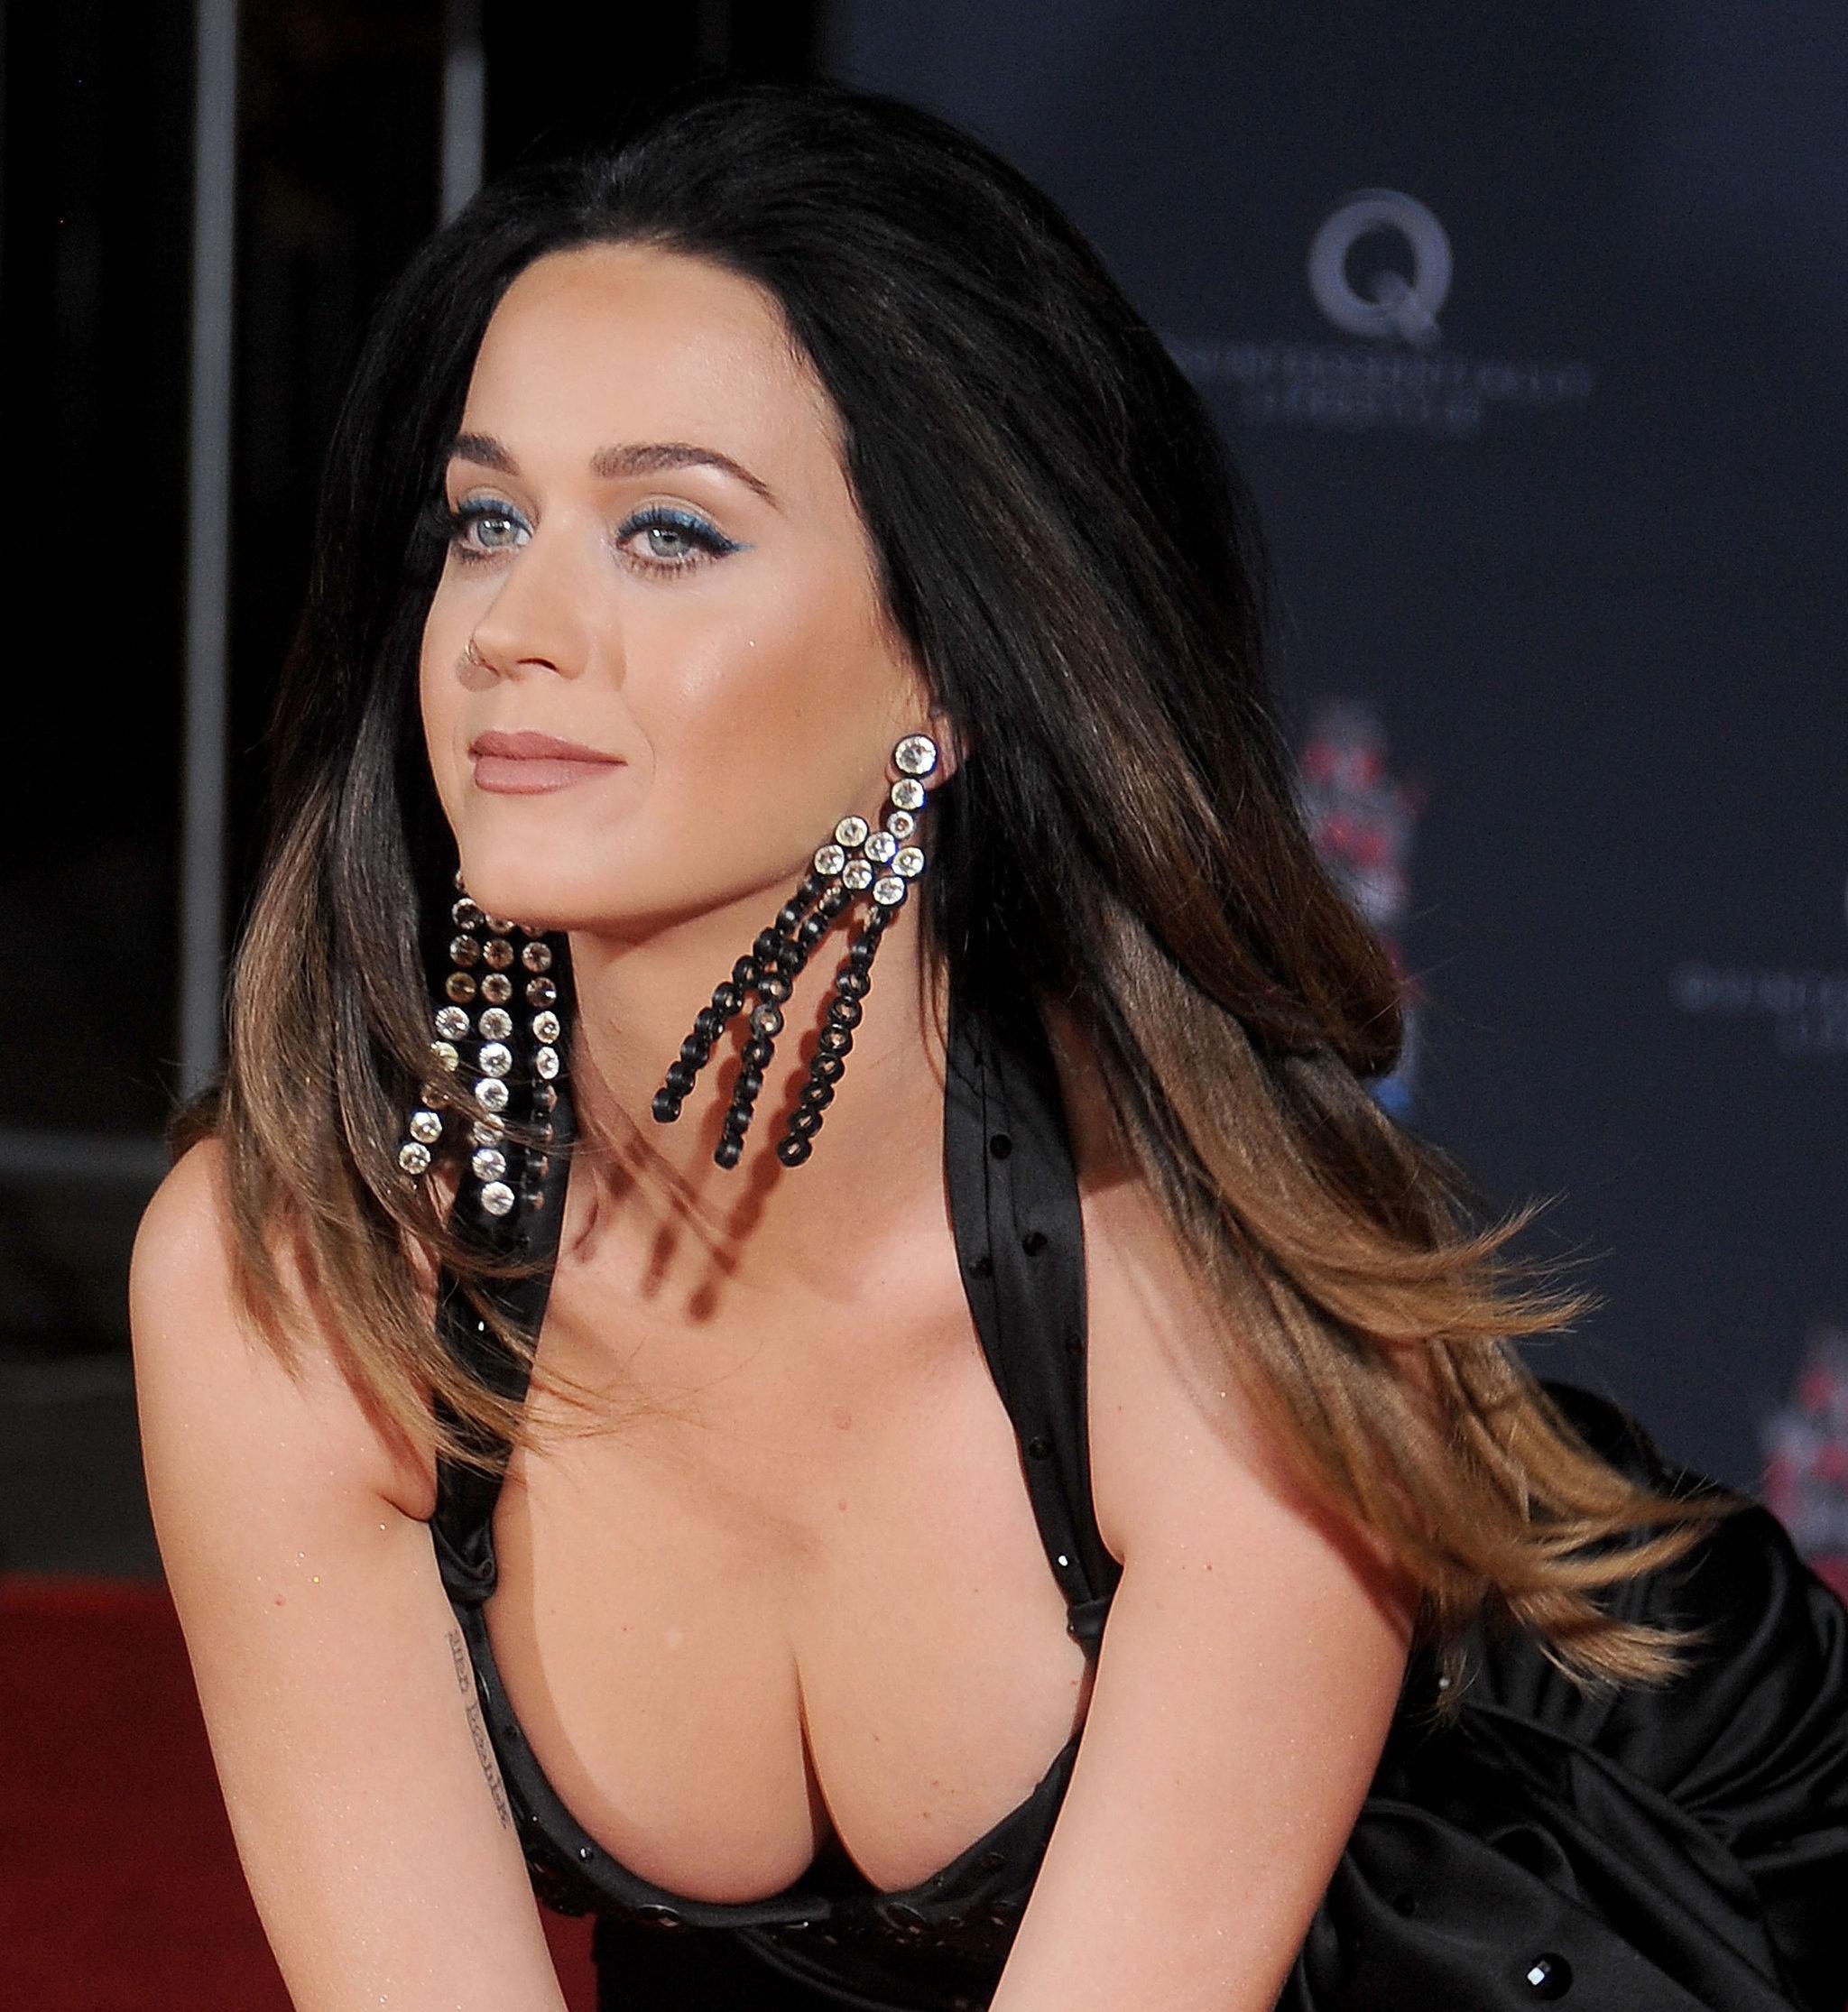 Tías de 25 a 34 años - Página 2 Katy-Perry-Handprint-Ceremony-LA-Pictures